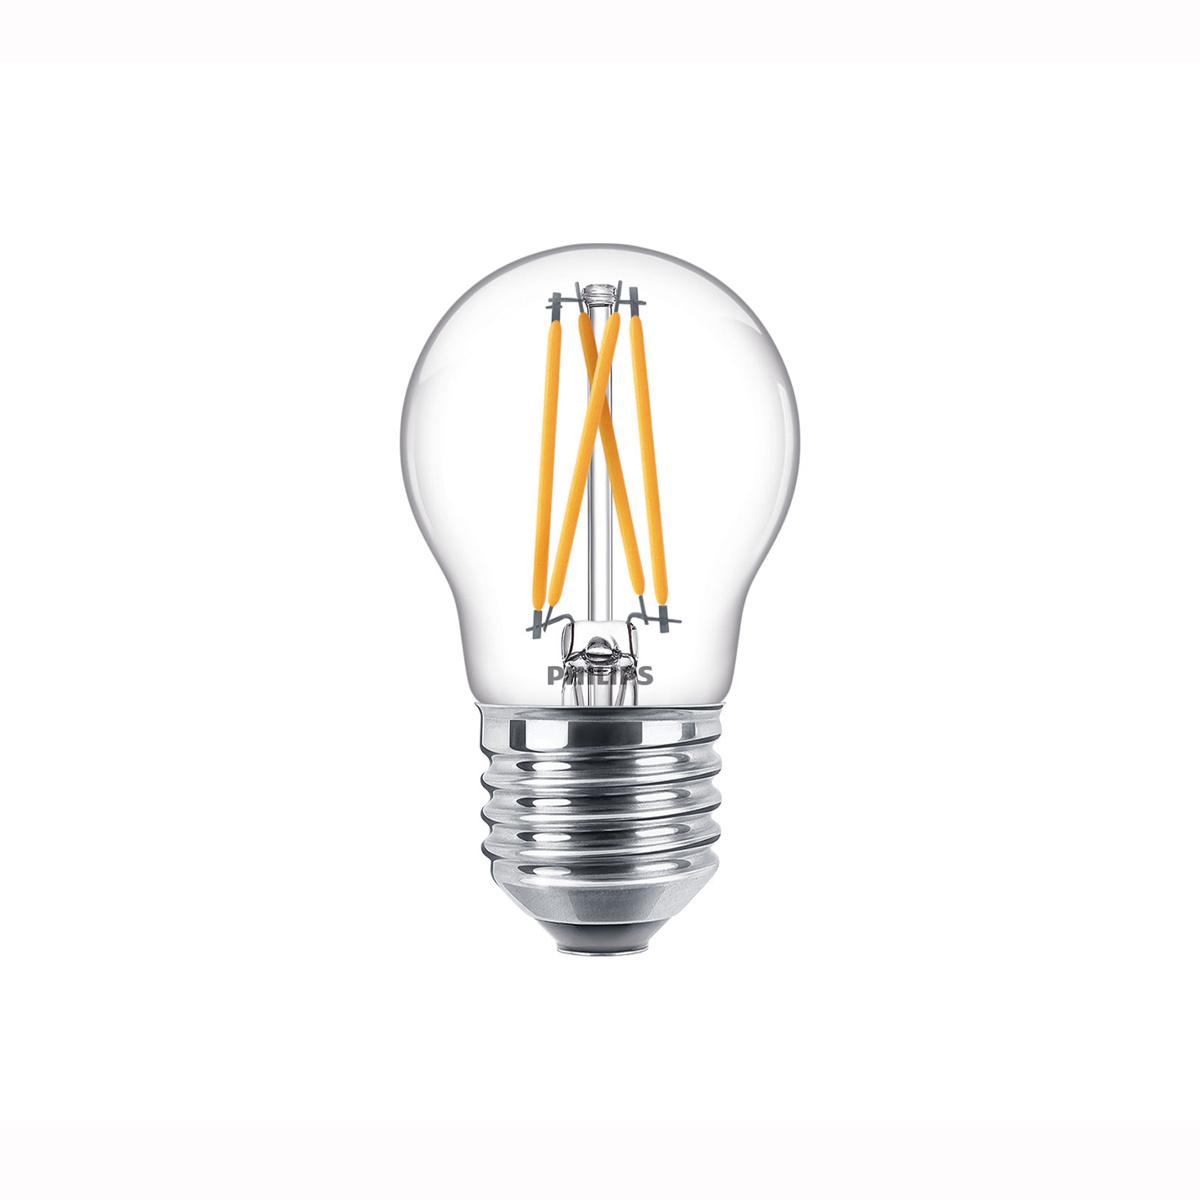 Philips LED E27 kogel 40-6 Watt Philips warmglow filament DIM